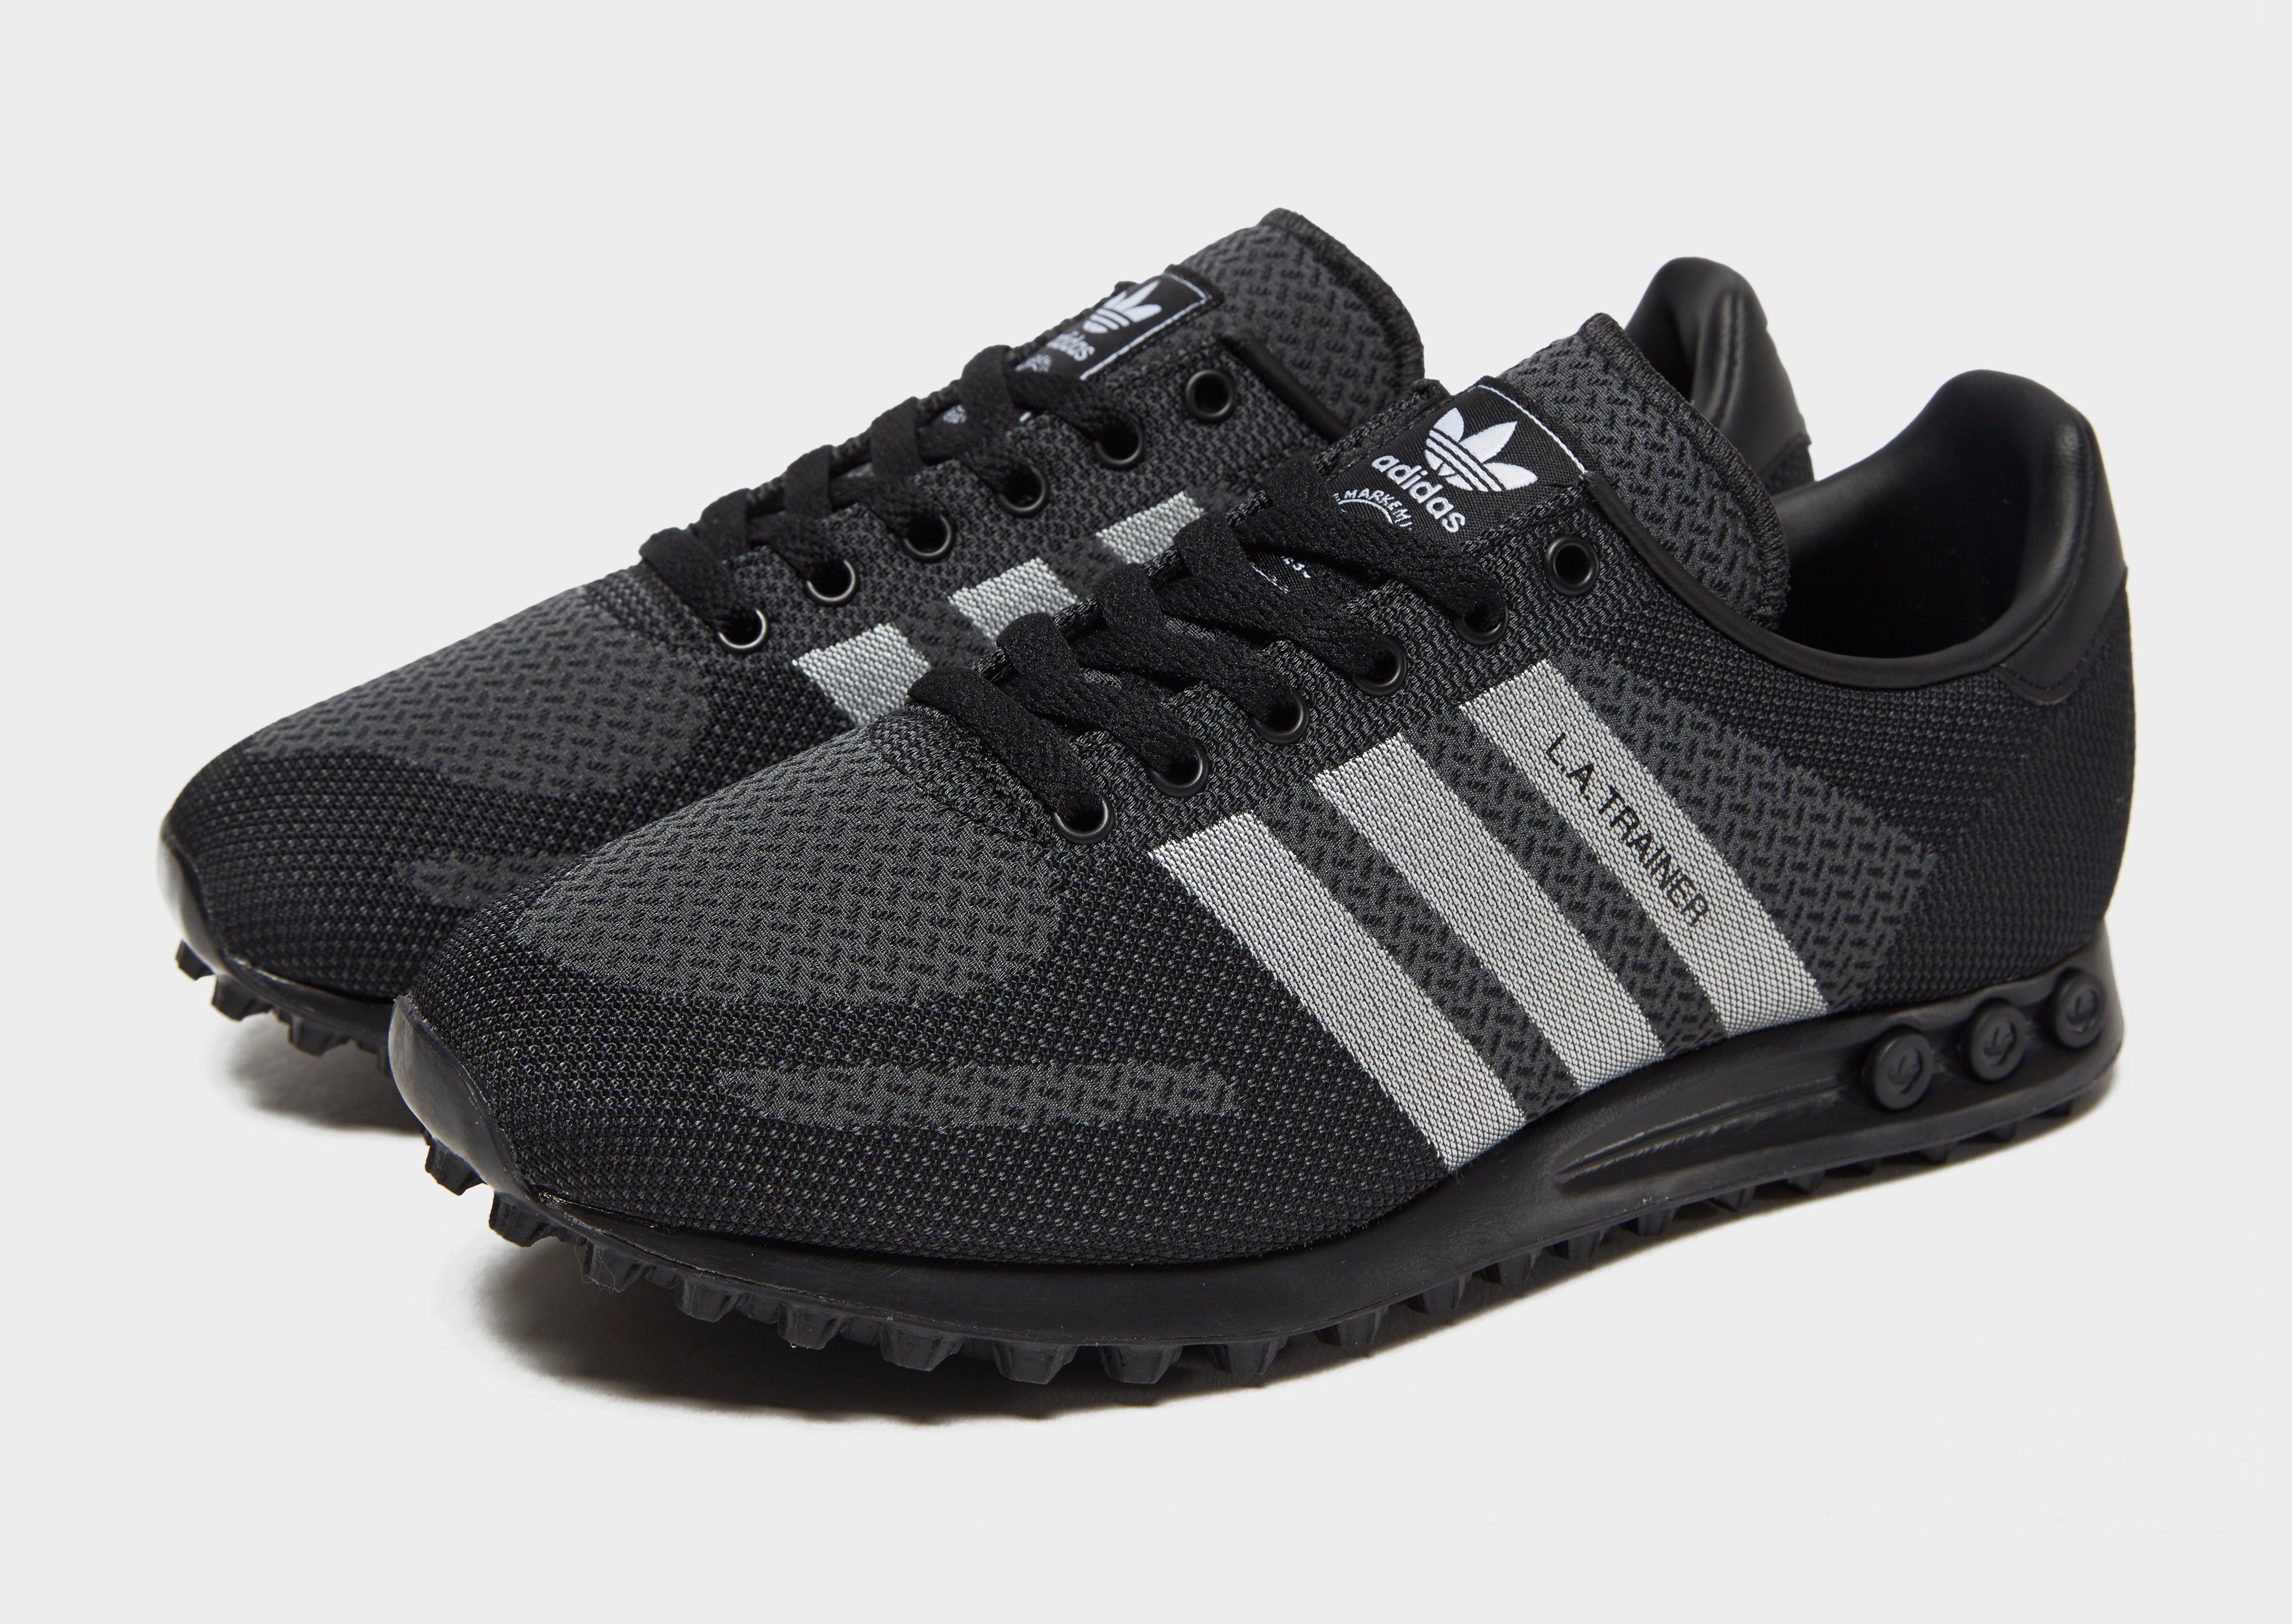 Details about Adidas LA Trainer Weave